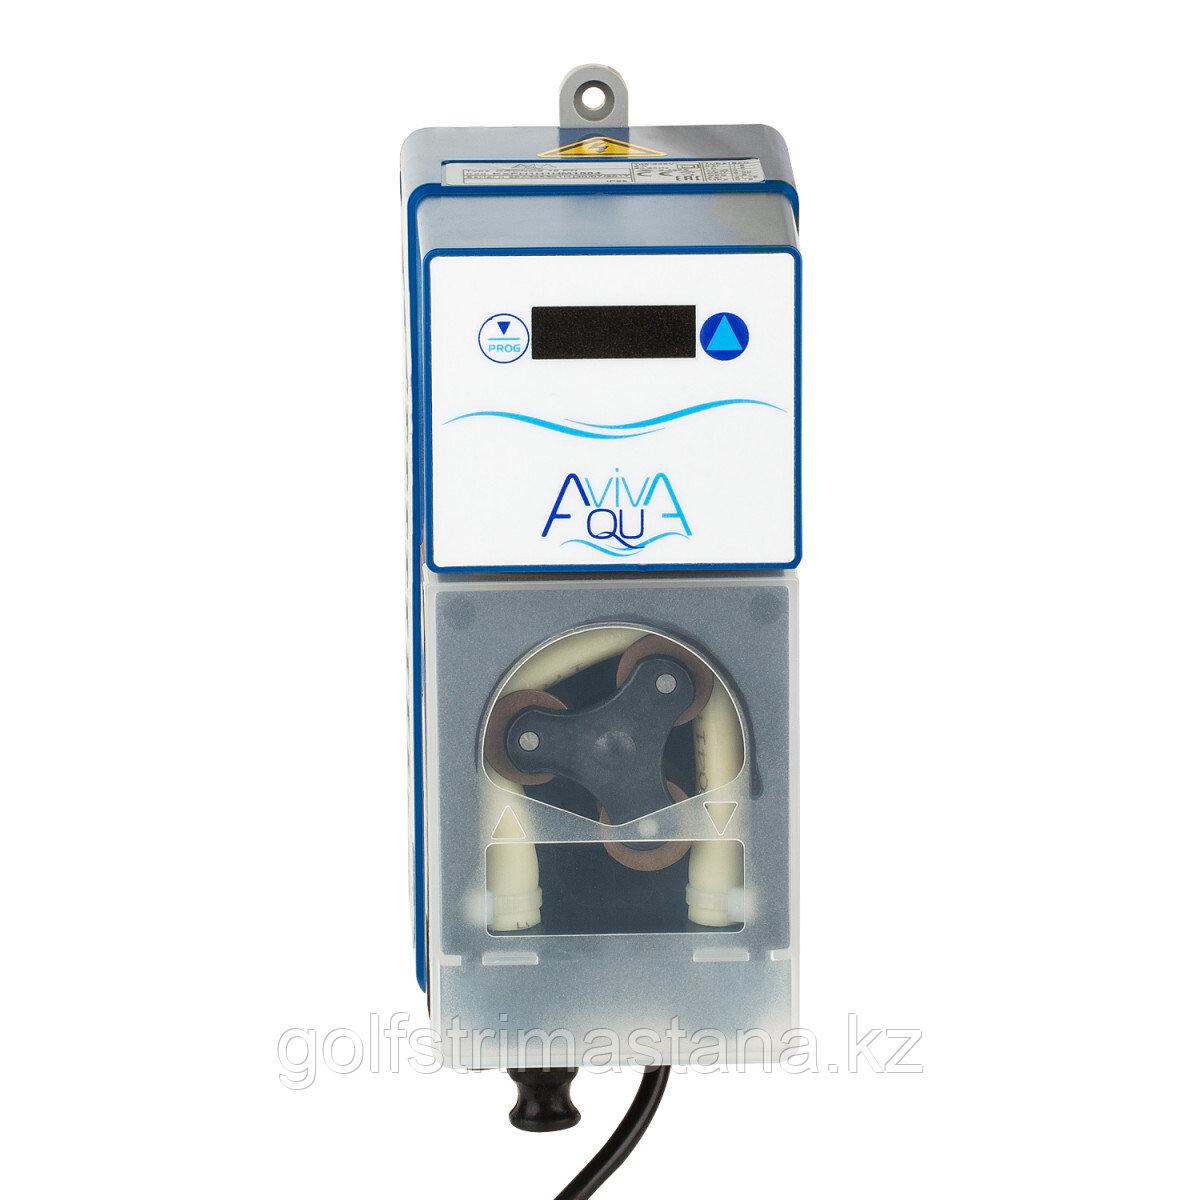 Перистальтический дозирующий насос AquaViva KXPH1H1HM1004 / Ph 1,5 л/ч с авто-дозацией, фиксир. скорость